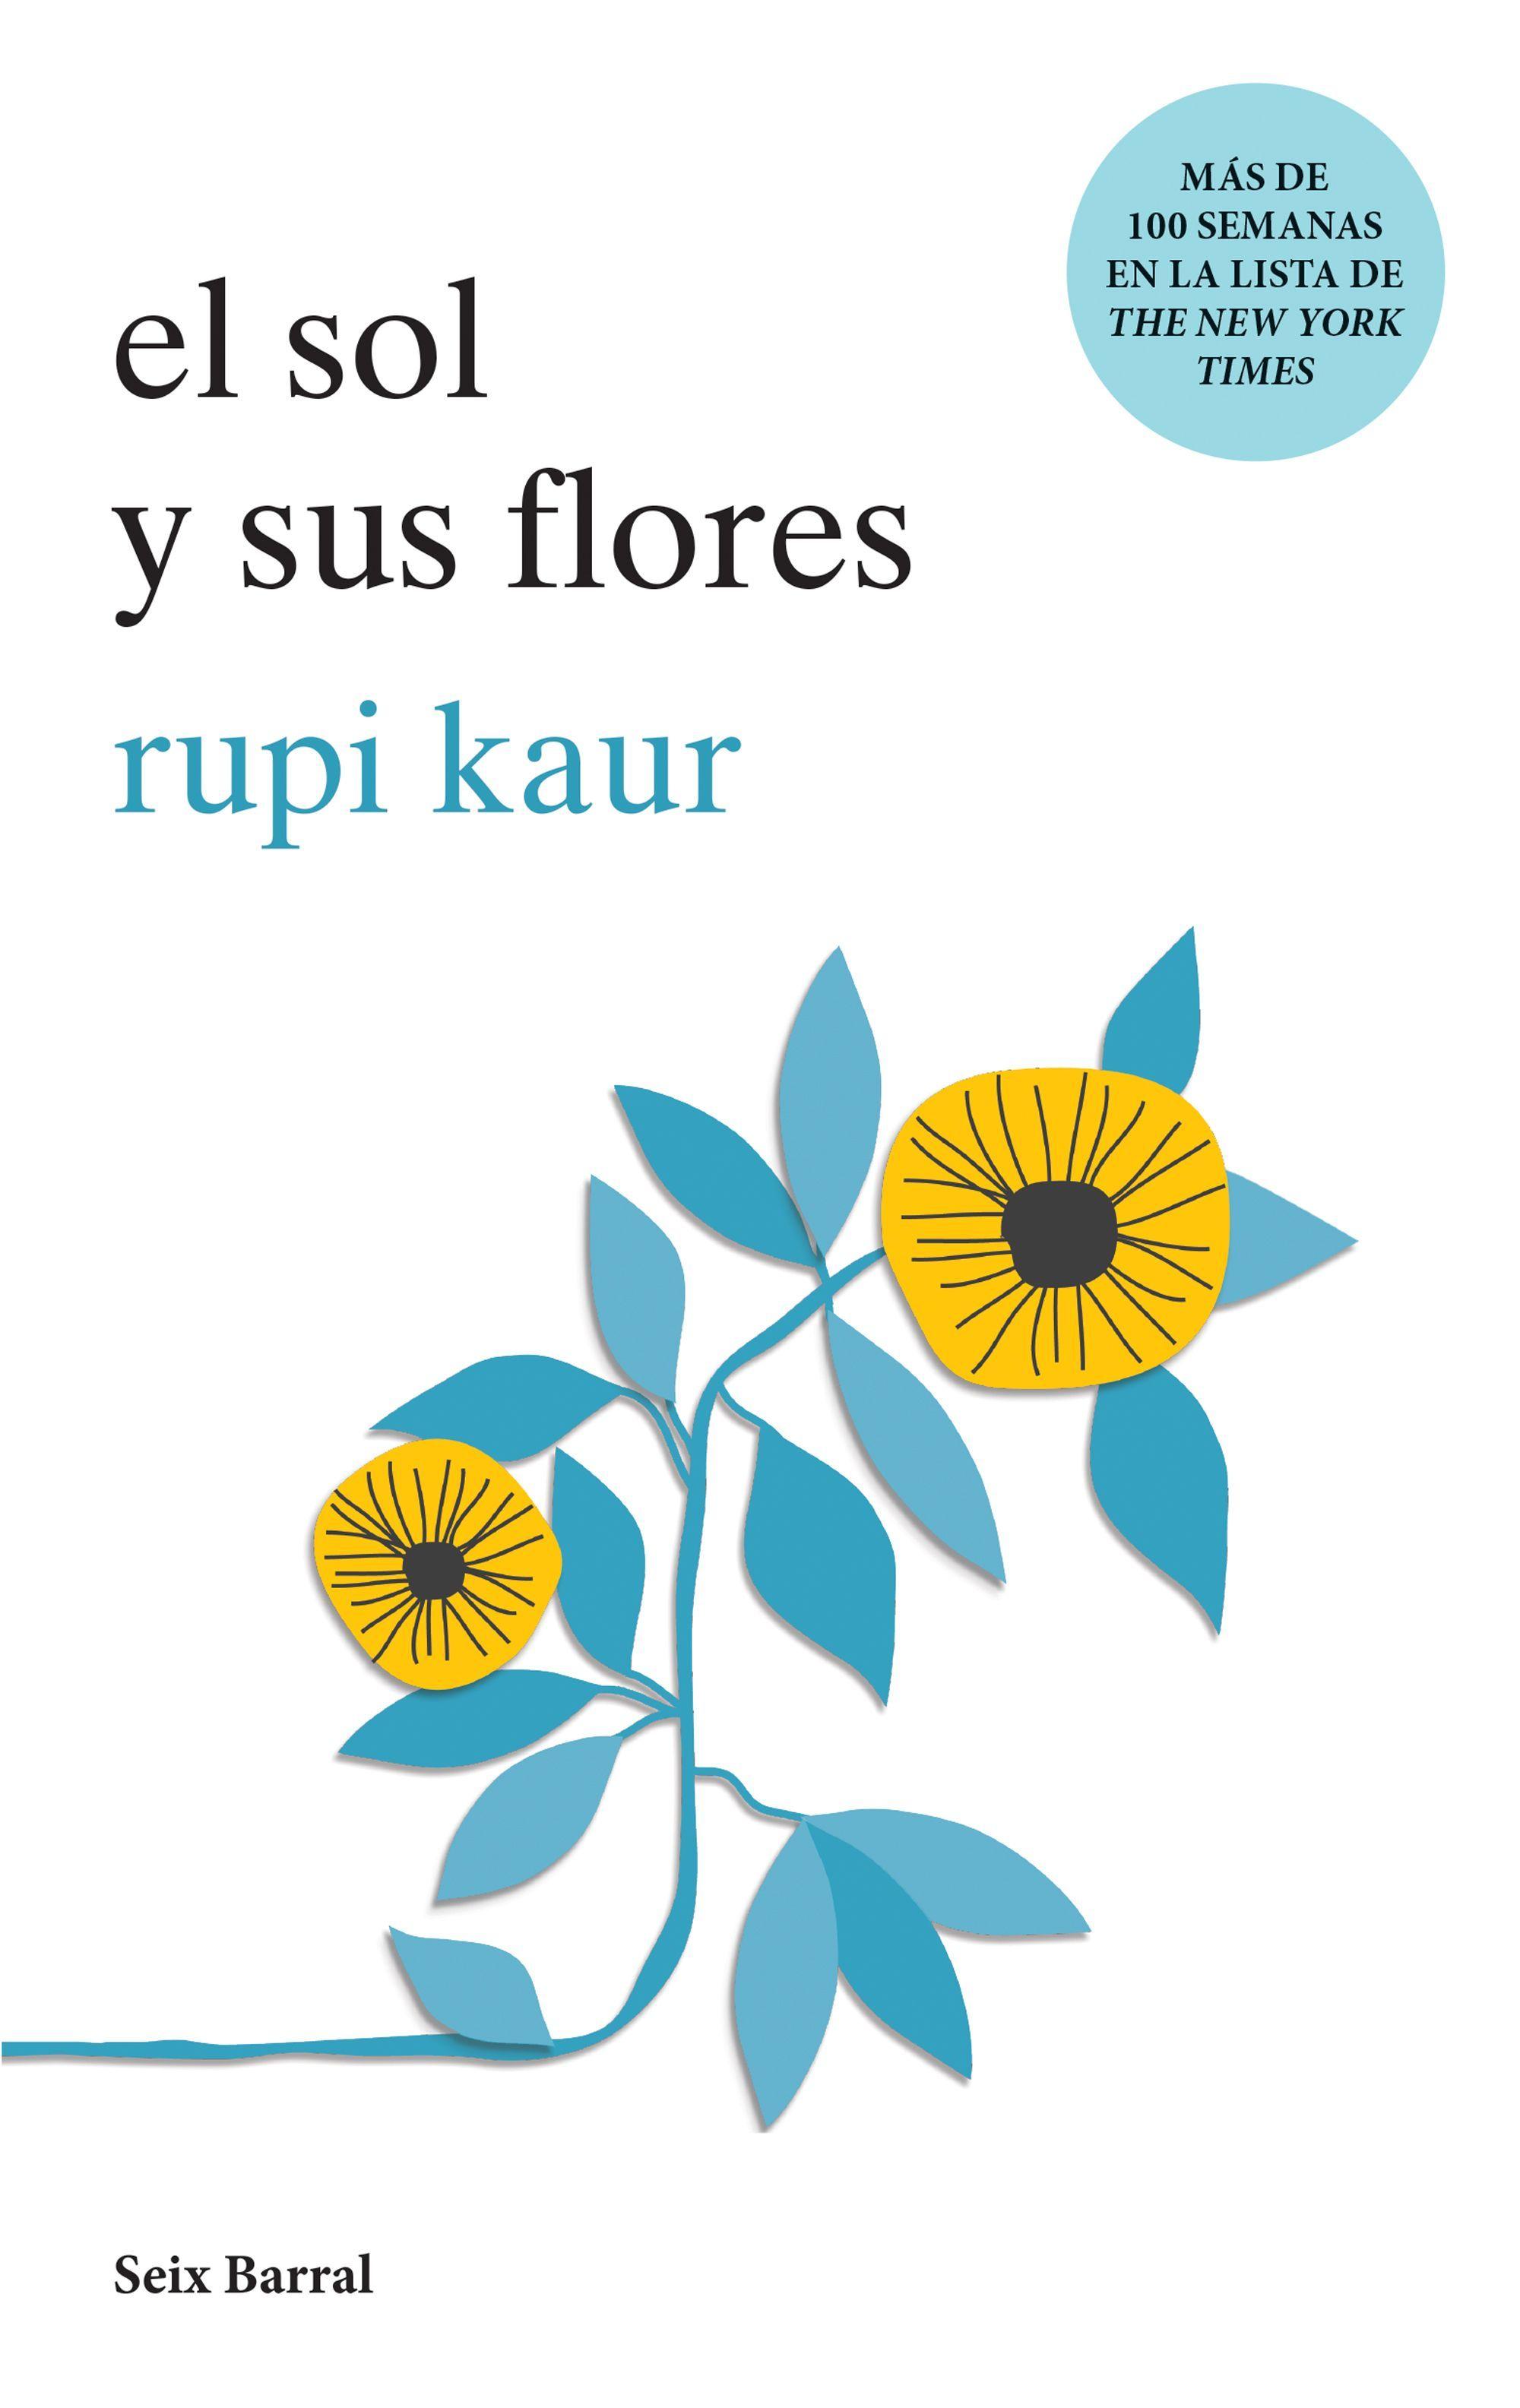 El sol y sus Flores - Rupi Kaur - Seix Barral